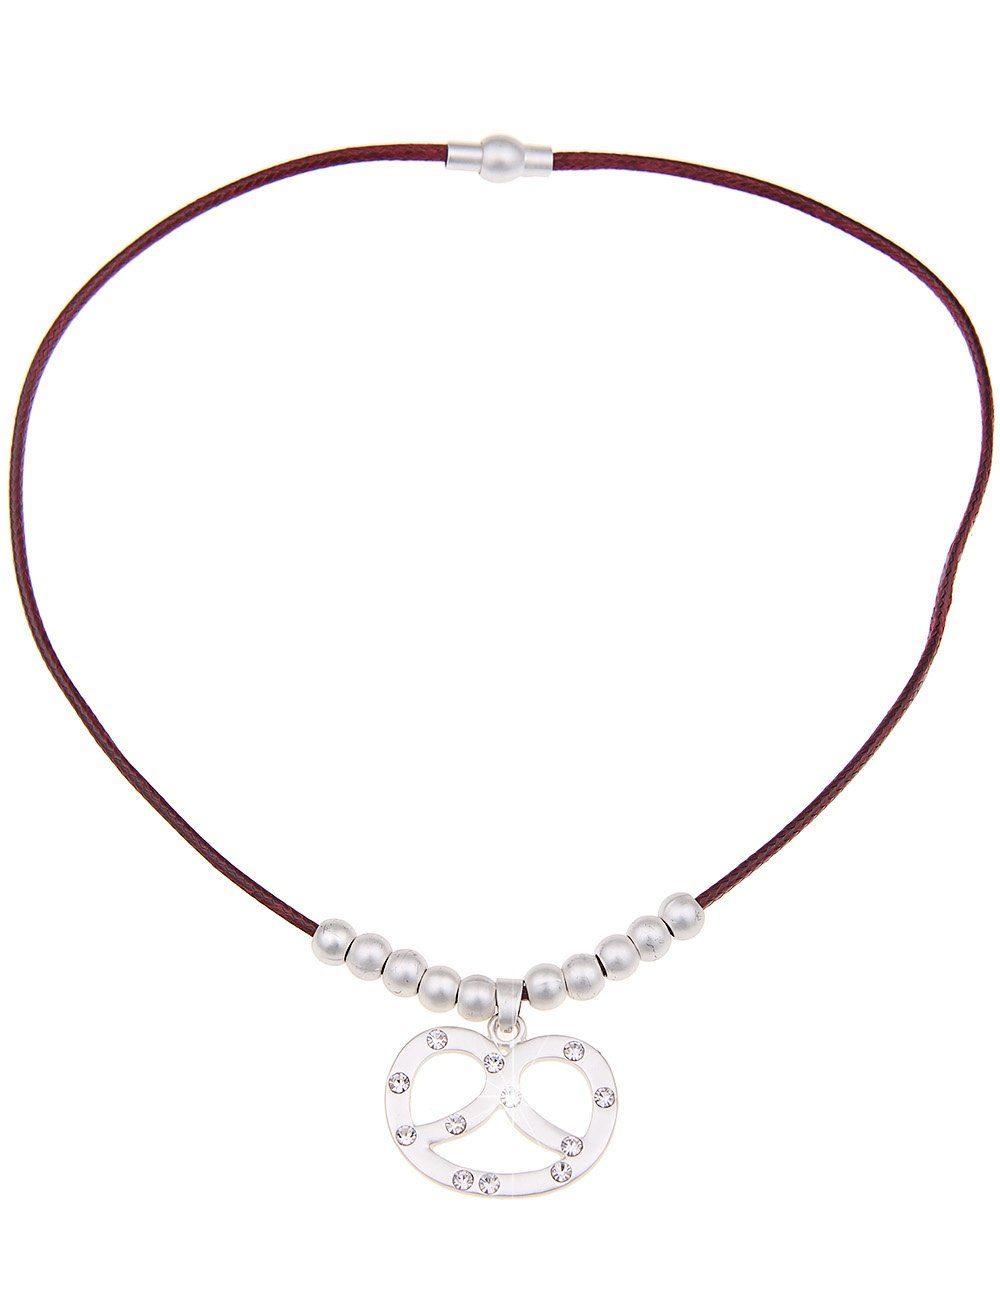 Leslii Halskette mit Brezel-Anhänger